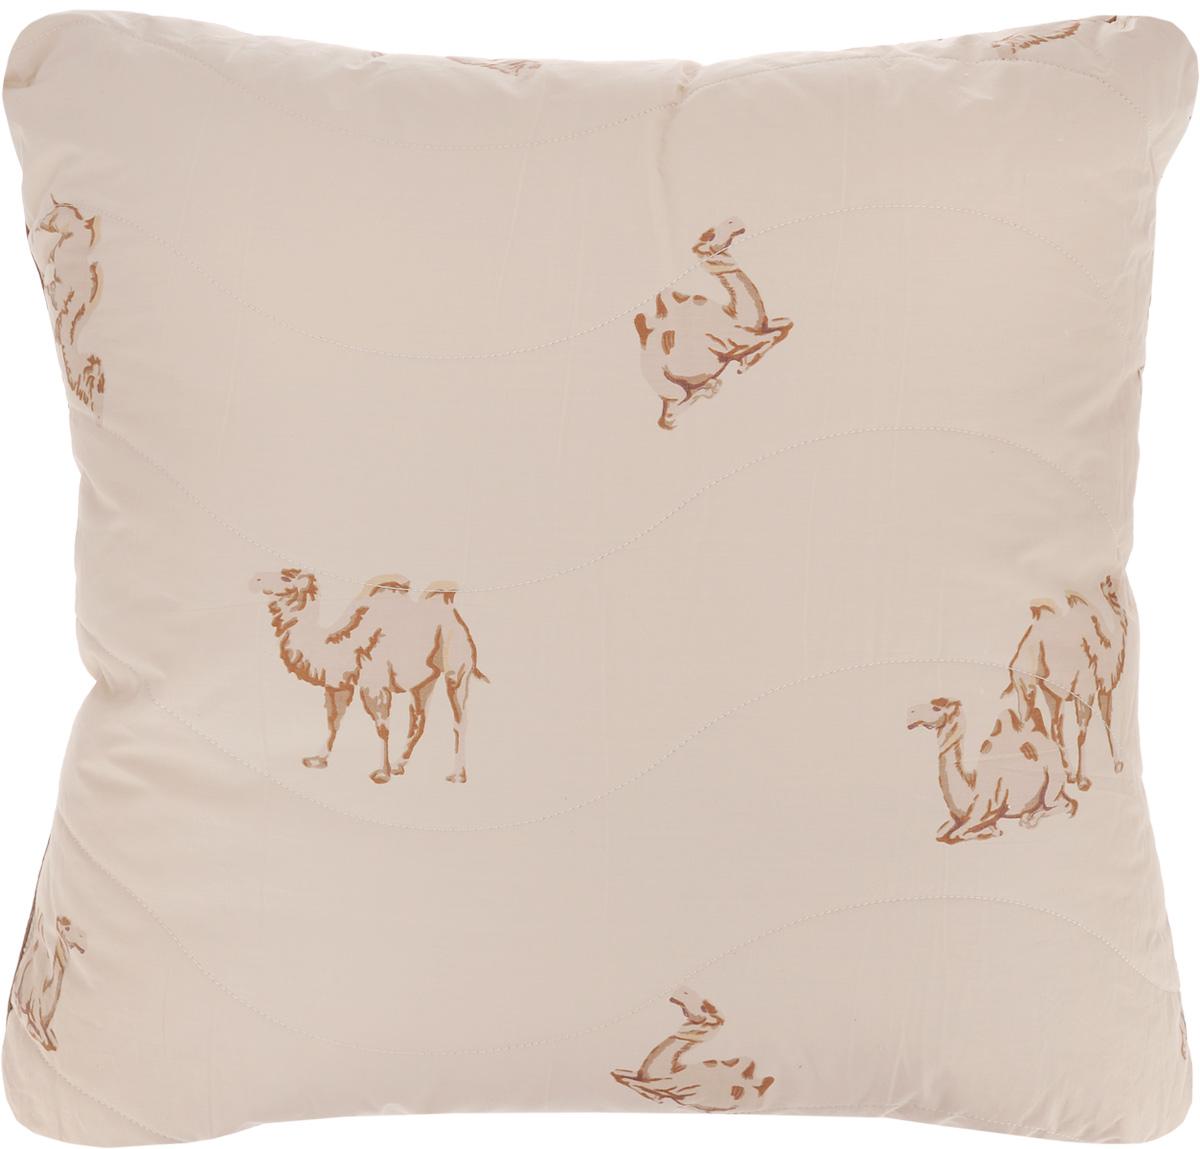 Подушка Легкие сны Верби, наполнитель: верблюжья шерсть, 68 х 68 см77(30)02-ВШПодушка Легкие сны Верби поможет расслабиться, снимет усталость и подарит вам спокойный и здоровый сон. Изделие обеспечит комфортную поддержку головы и шеи во время сна.Верблюжья шерсть является прекрасным изолятором и широко используется как наполнитель для постельных принадлежностей. Шерсть обладает отличными согревающими свойствами и способна быстро поглощать влагу, поэтому производимое верблюжьей шерстью целебное тепло называют сухим. Чехол подушки выполнен из прочного тика с рисунком в виде верблюдов. Это натуральная хлопчатобумажная ткань, отличающаяся высокой плотностью, она устойчива к проколам и разрывам, а также отличается долговечностью в использовании. Чехол приятен к телу и надежно удерживает наполнитель внутри подушки. По краю подушки выполнена отделка атласным кантом коричневого цвета. Рекомендуется химчистка. Степень поддержки: средняя.